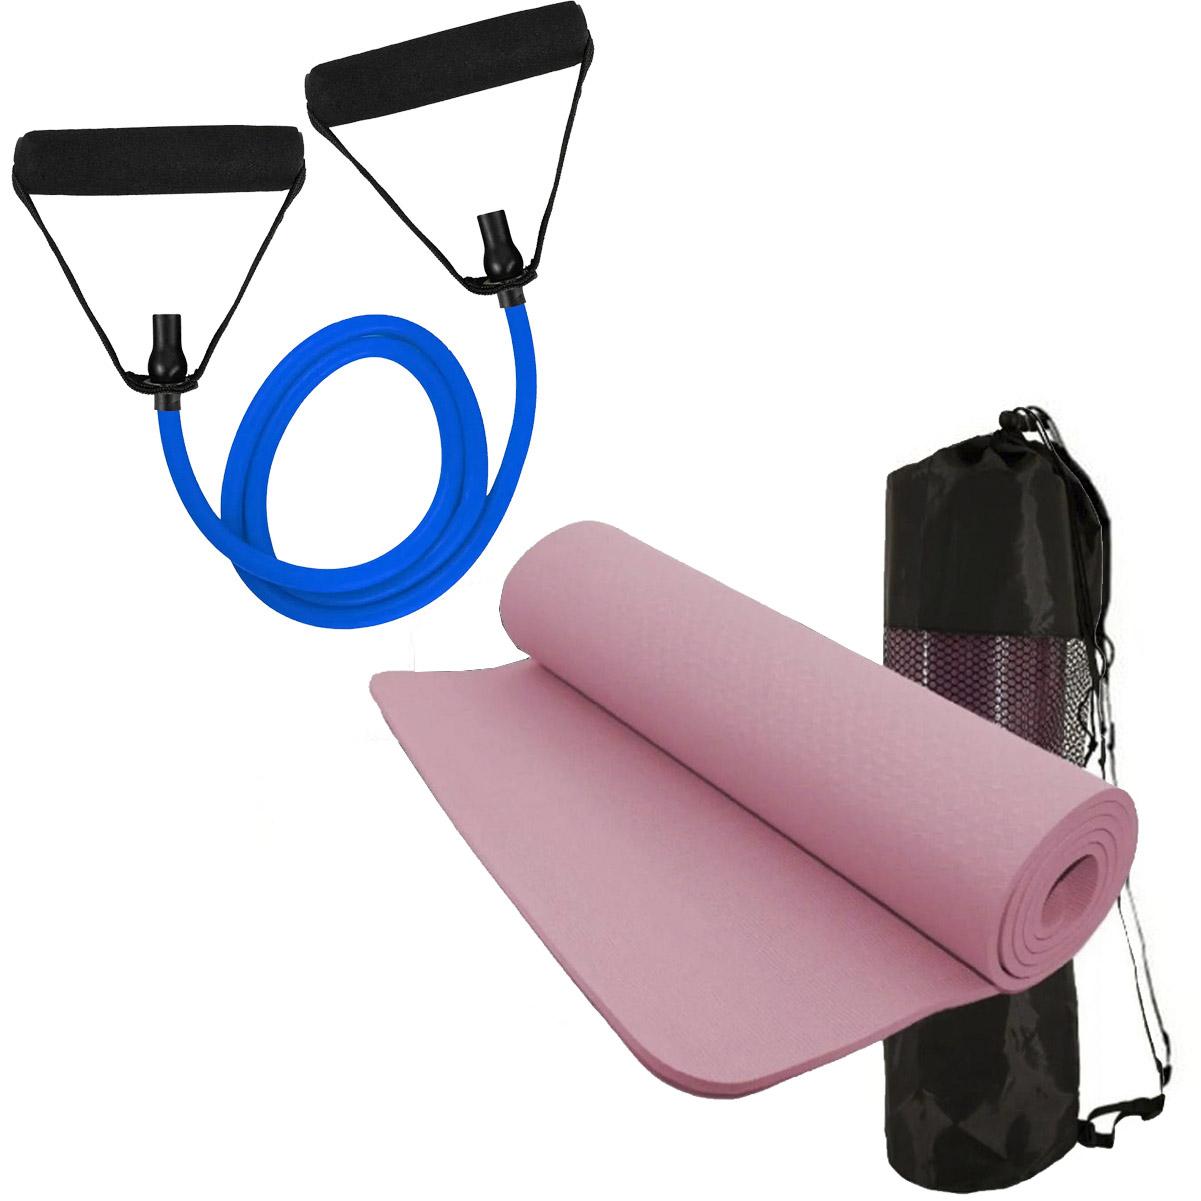 Kit Tapete de Yoga Rosa Elástico Extensor Tensão MBfit